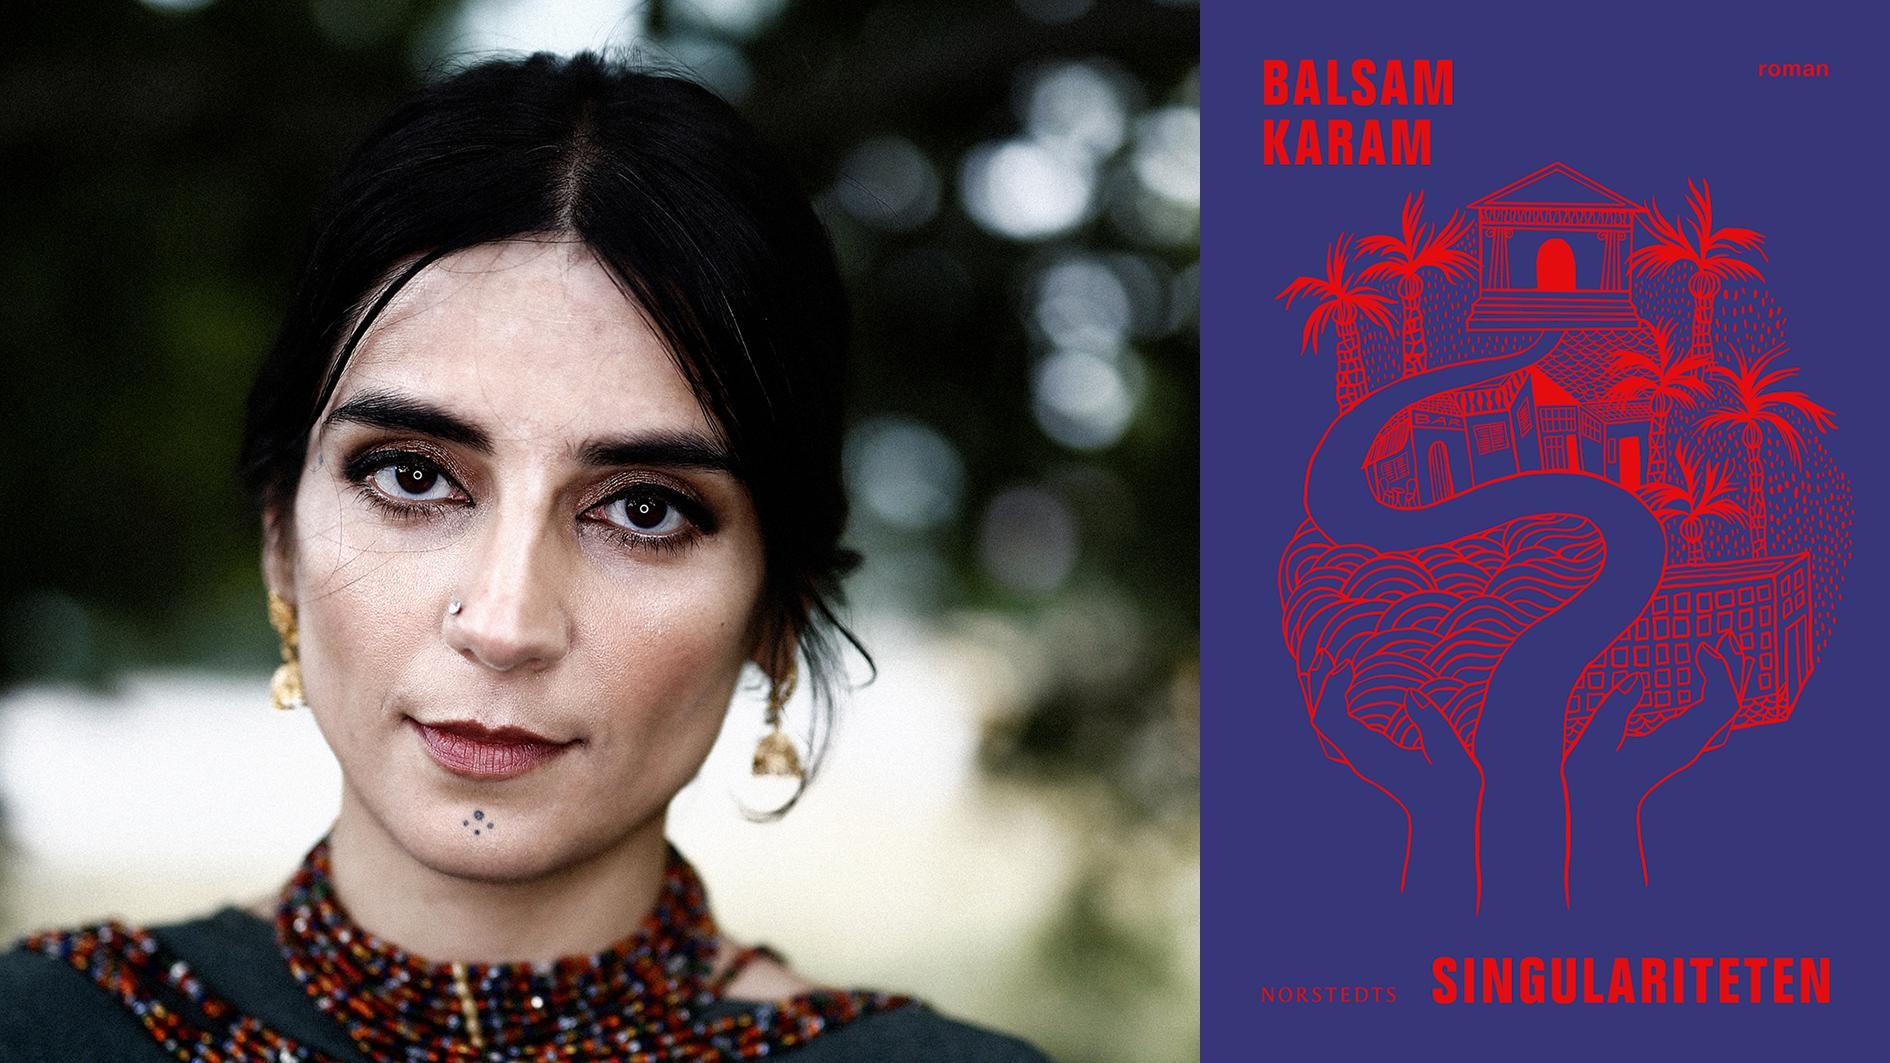 """Balsam Karam (född 1983) debuterade med """"Händelsehorisonten"""" 2018. """"Singulariteten"""" är hennes andra roman."""